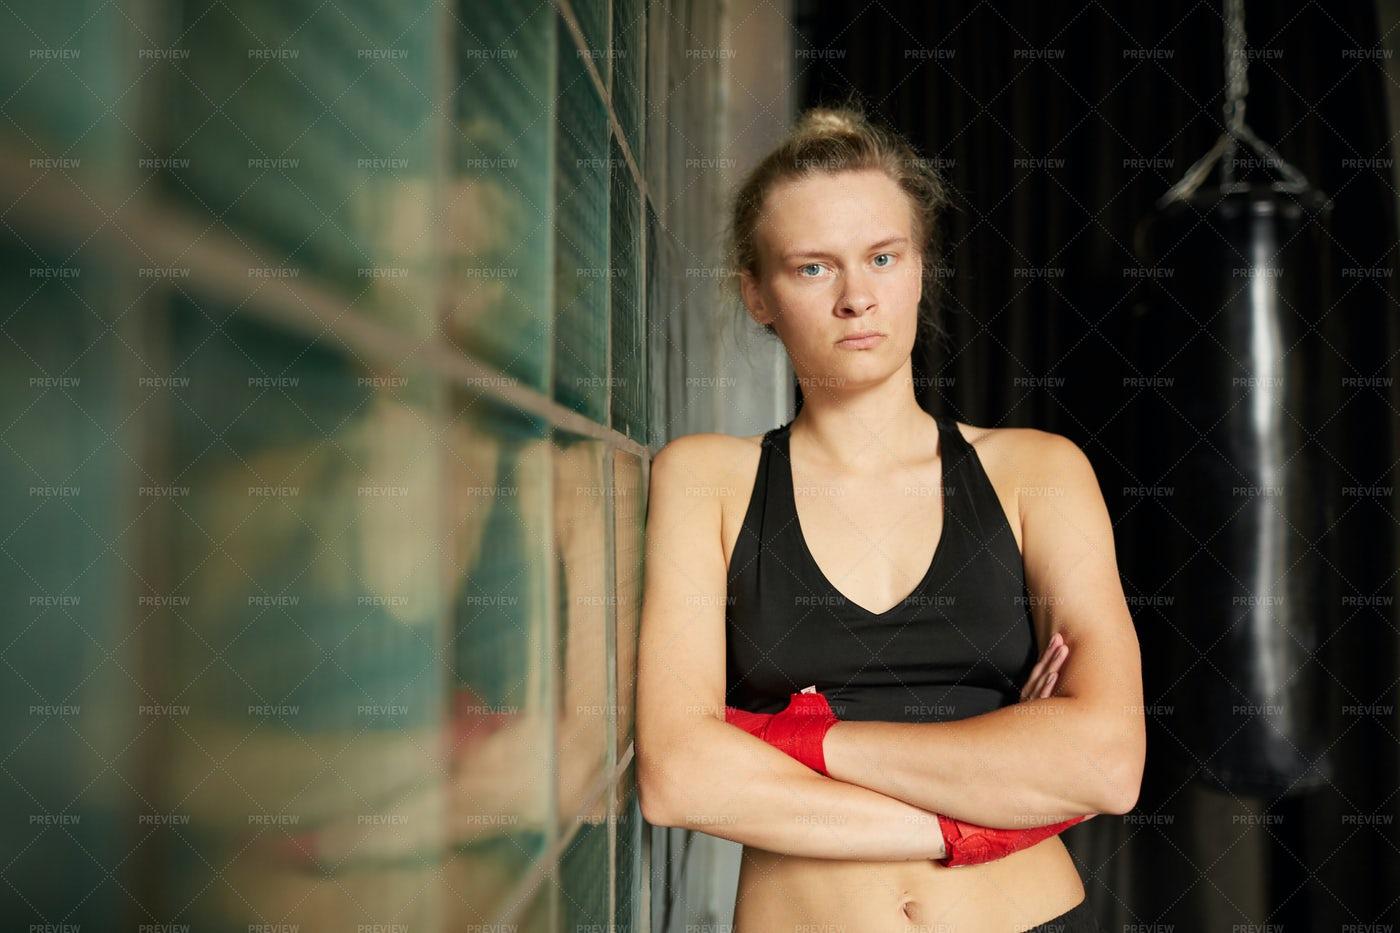 Tough Woman Posing In Gym: Stock Photos